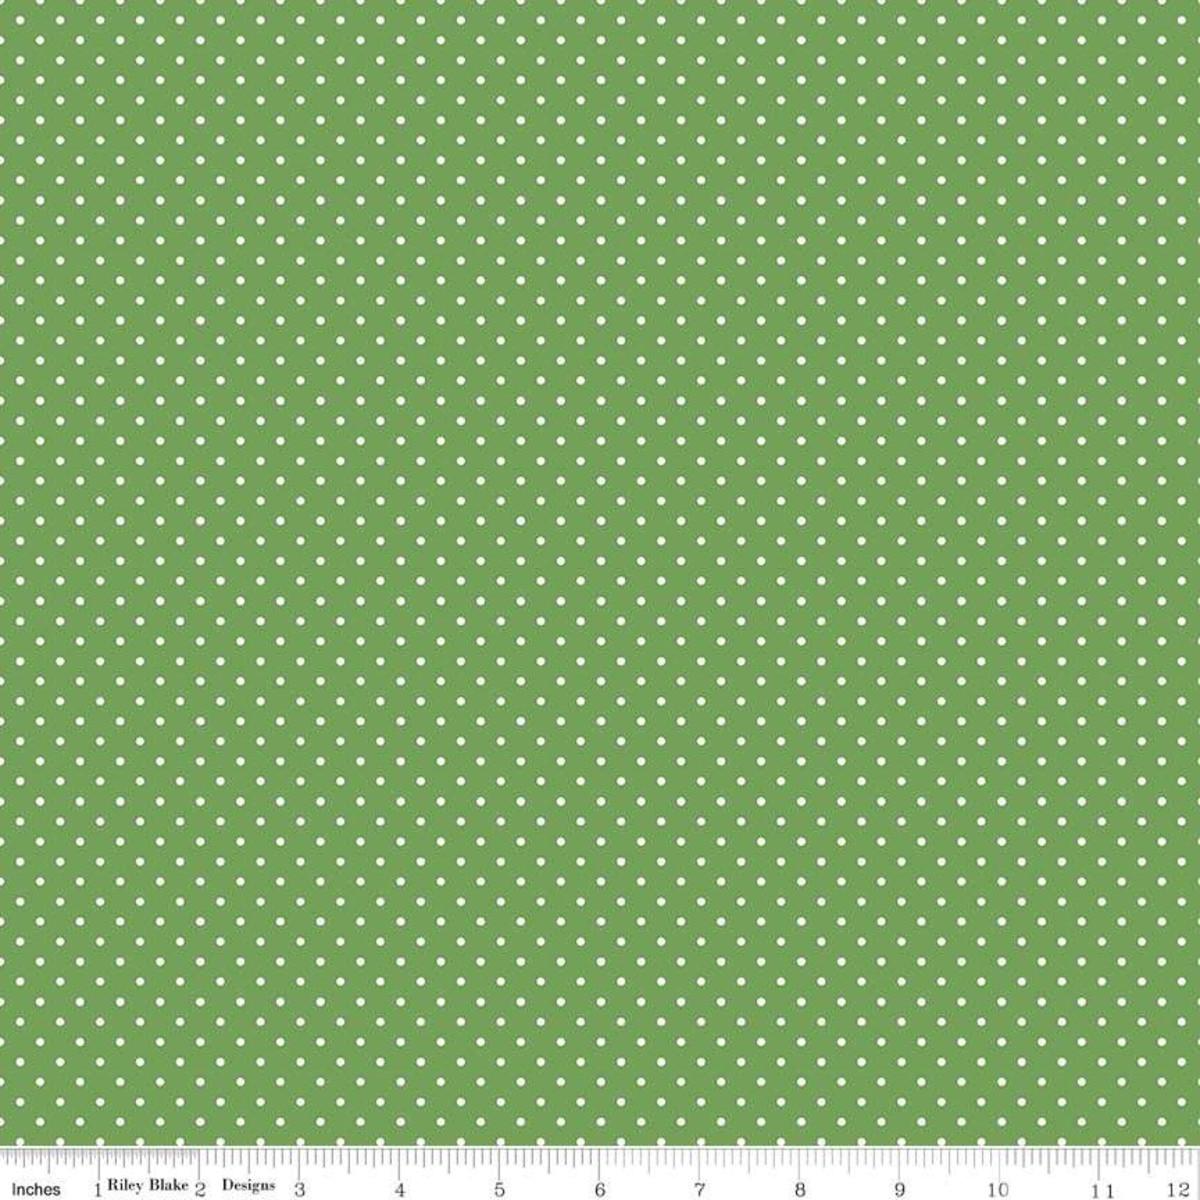 Swiss dot - clover